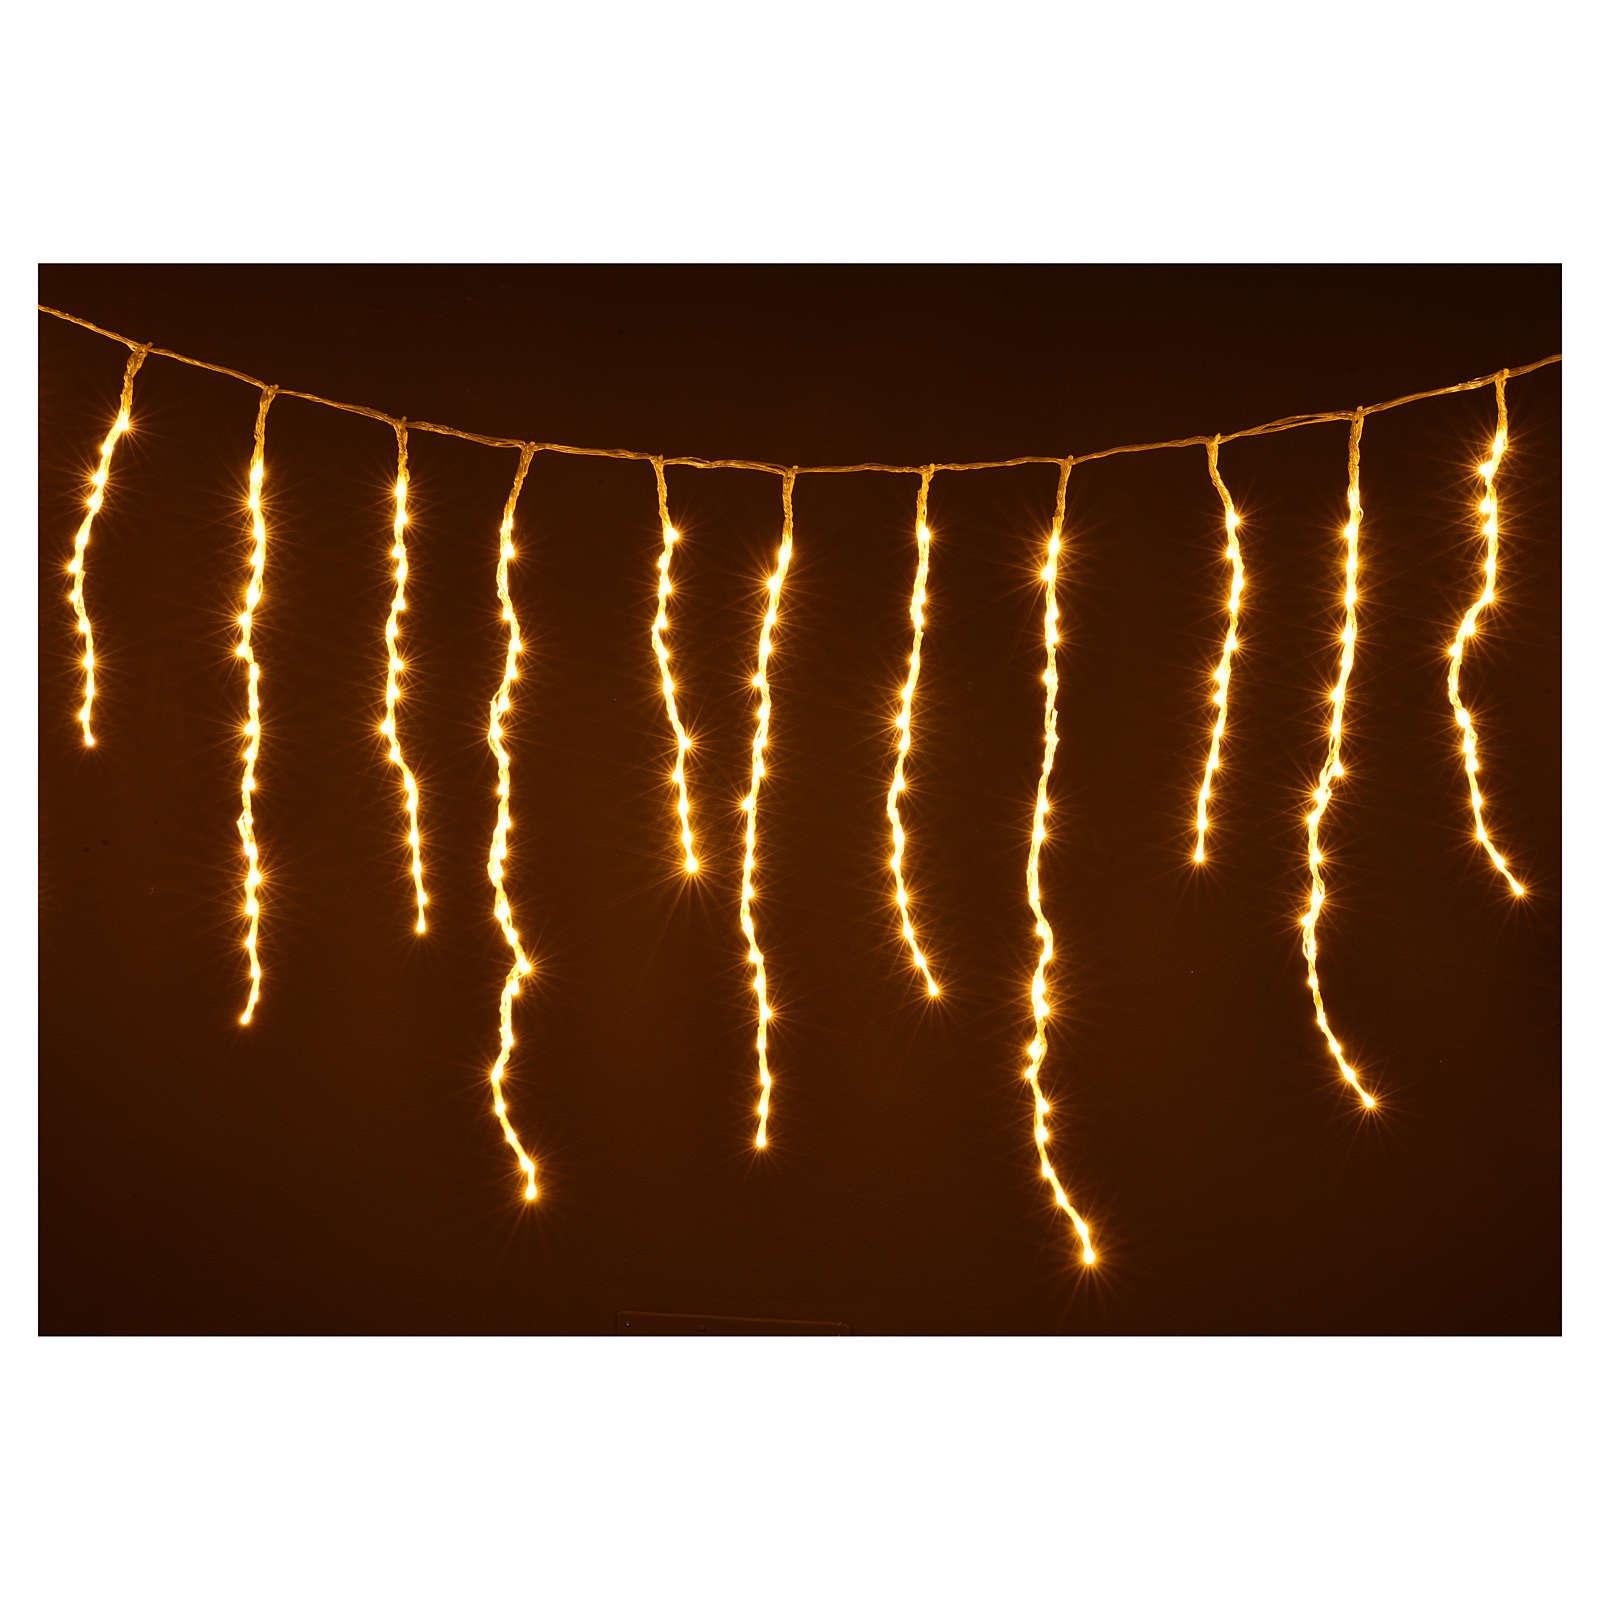 Luci di Natale tenda ghiaccioli 576 led bianco caldo esterno 3